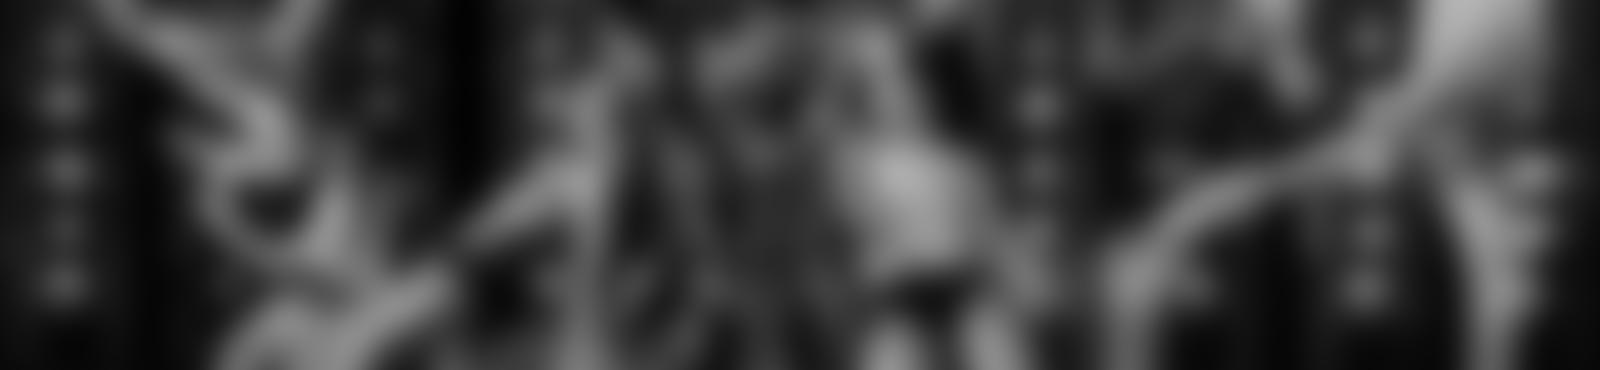 Blurred 38191bb0 62d3 4ce4 b4c5 c23f971ee013